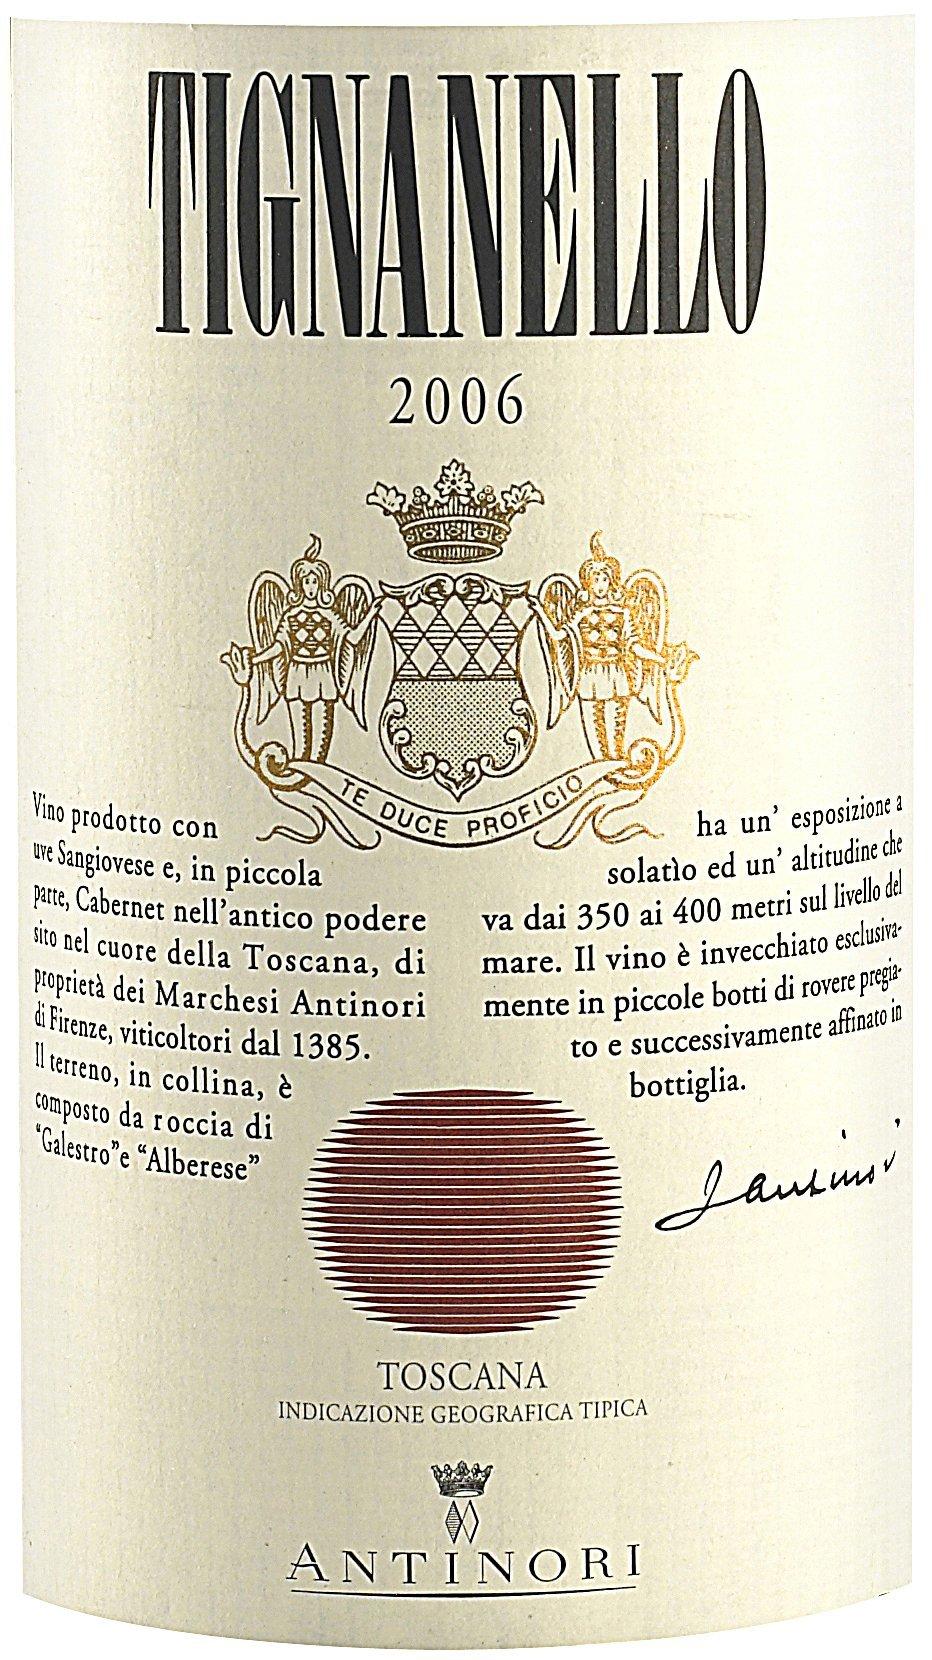 Vino Tagninello